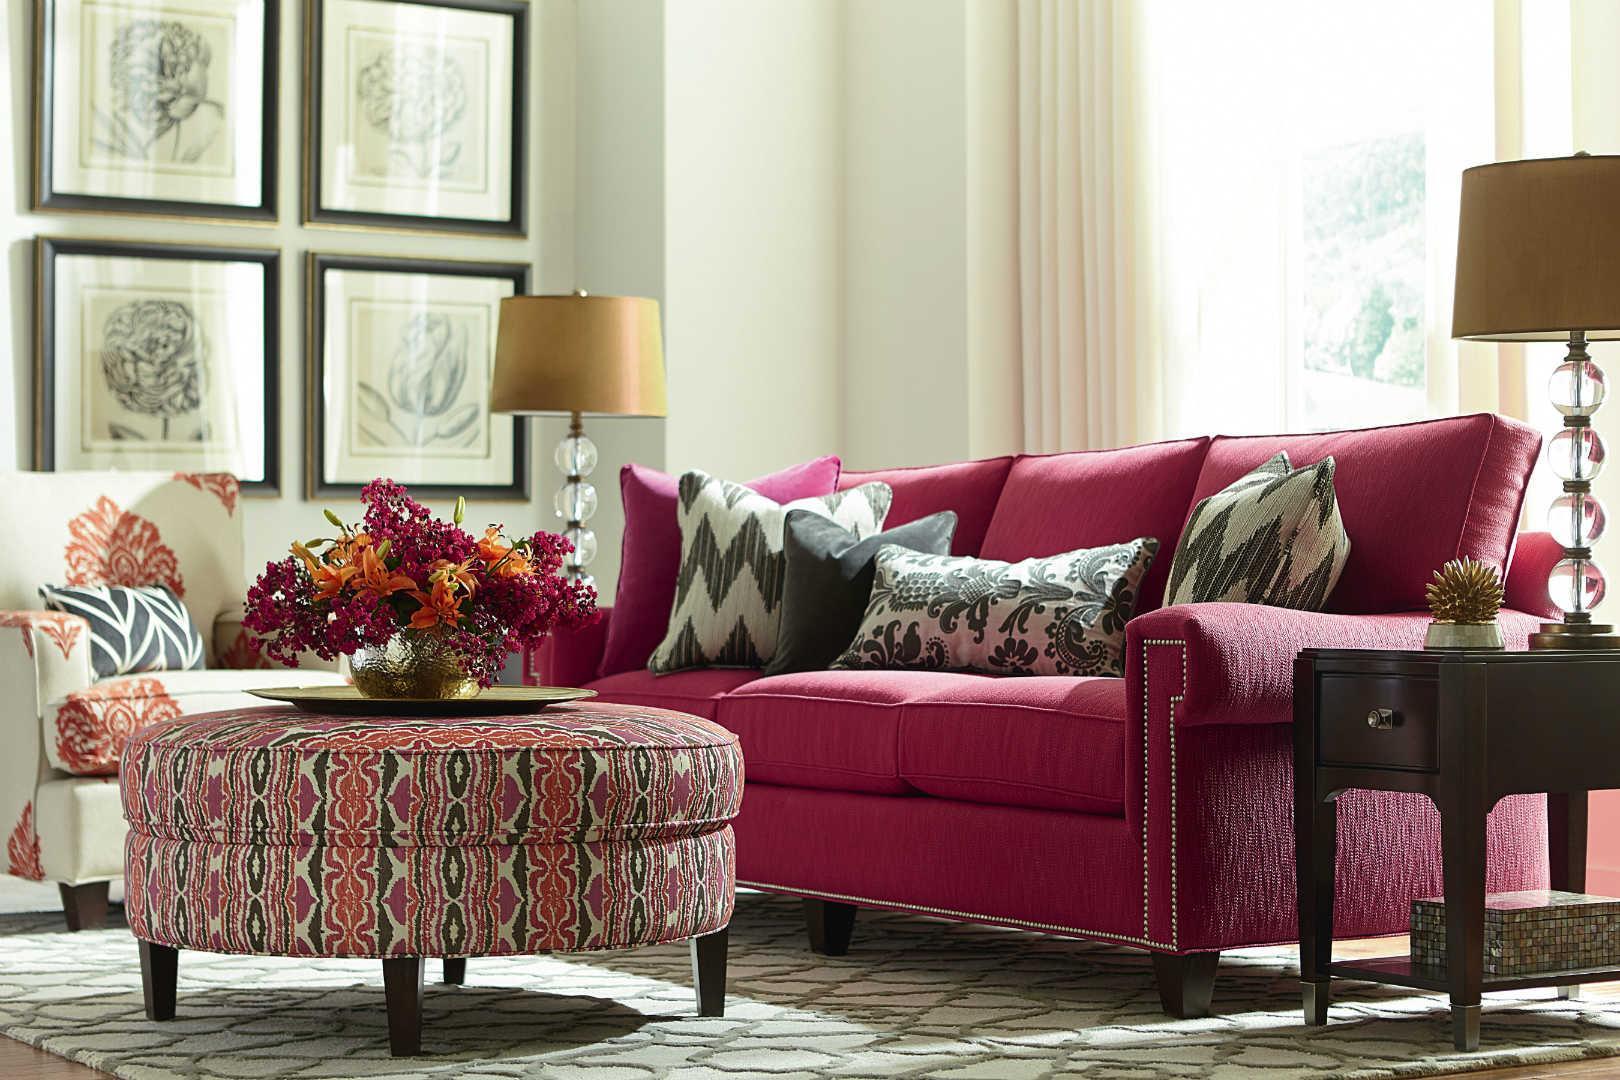 Hgtv Home Design Studio At Bassett Bassett Hgtv Home Design Studio 6000 Customizable Xl Sofa